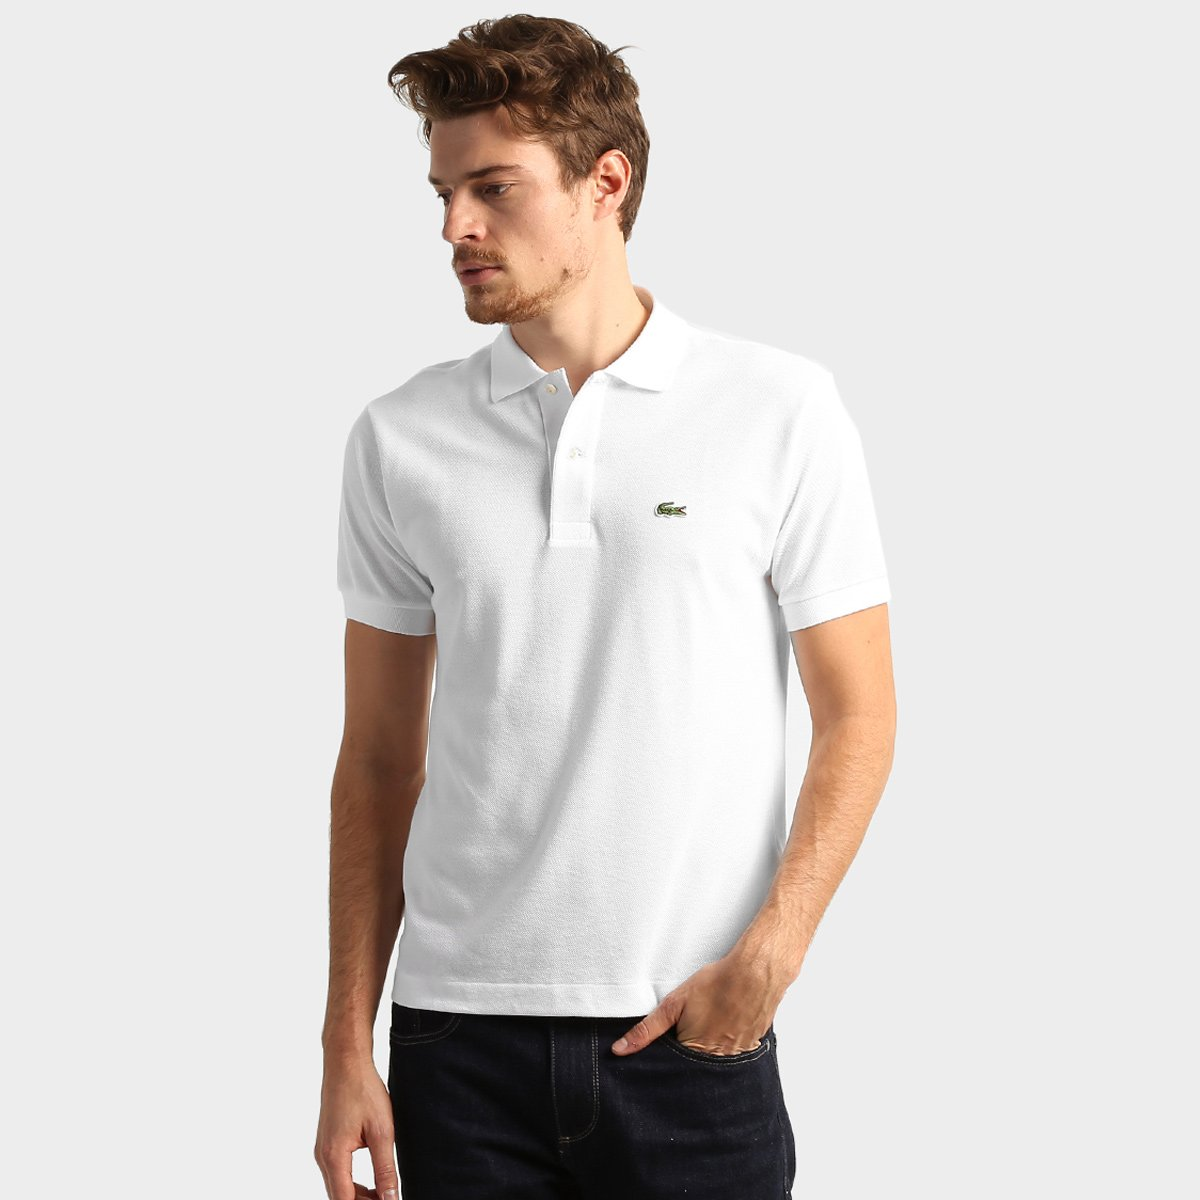 991e230c1 Camisa Polo Lacoste Original Fit Masculina